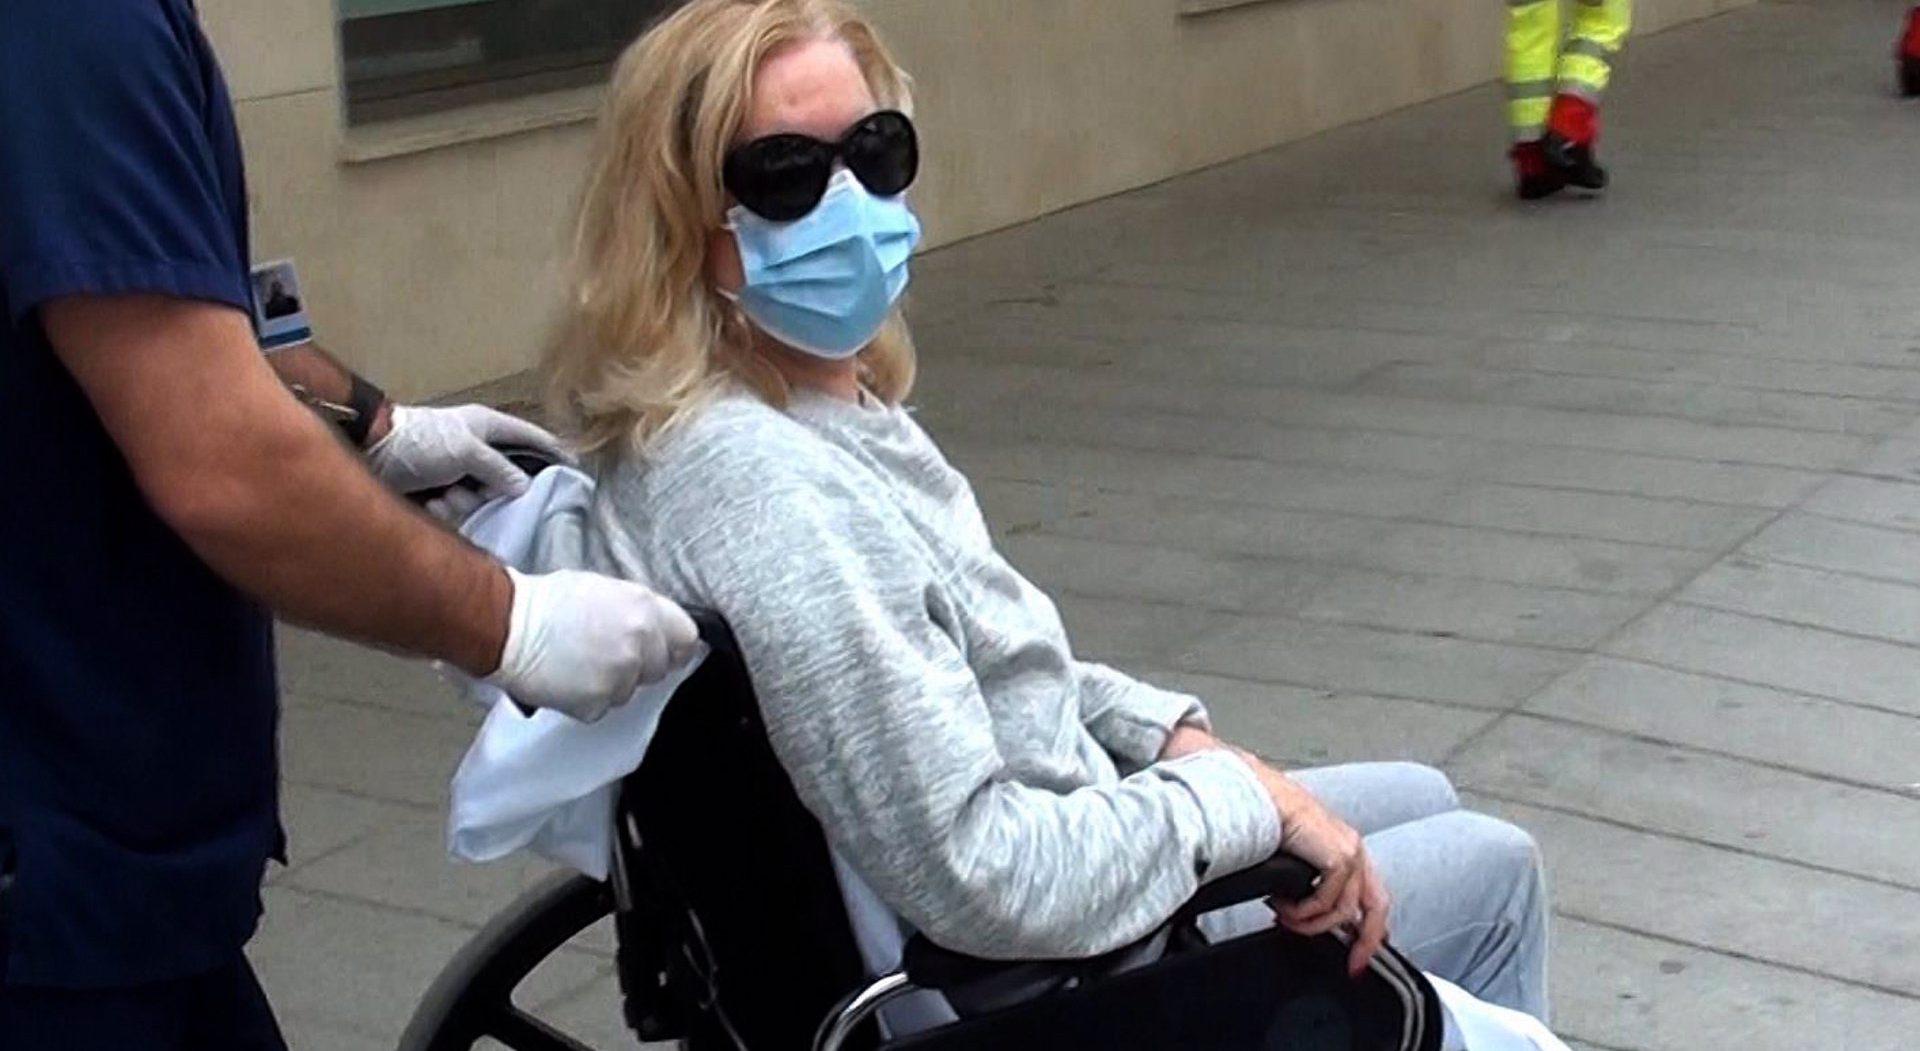 Bárbara Rey abandona l'hospital amb cadira de rodes - Europa Press